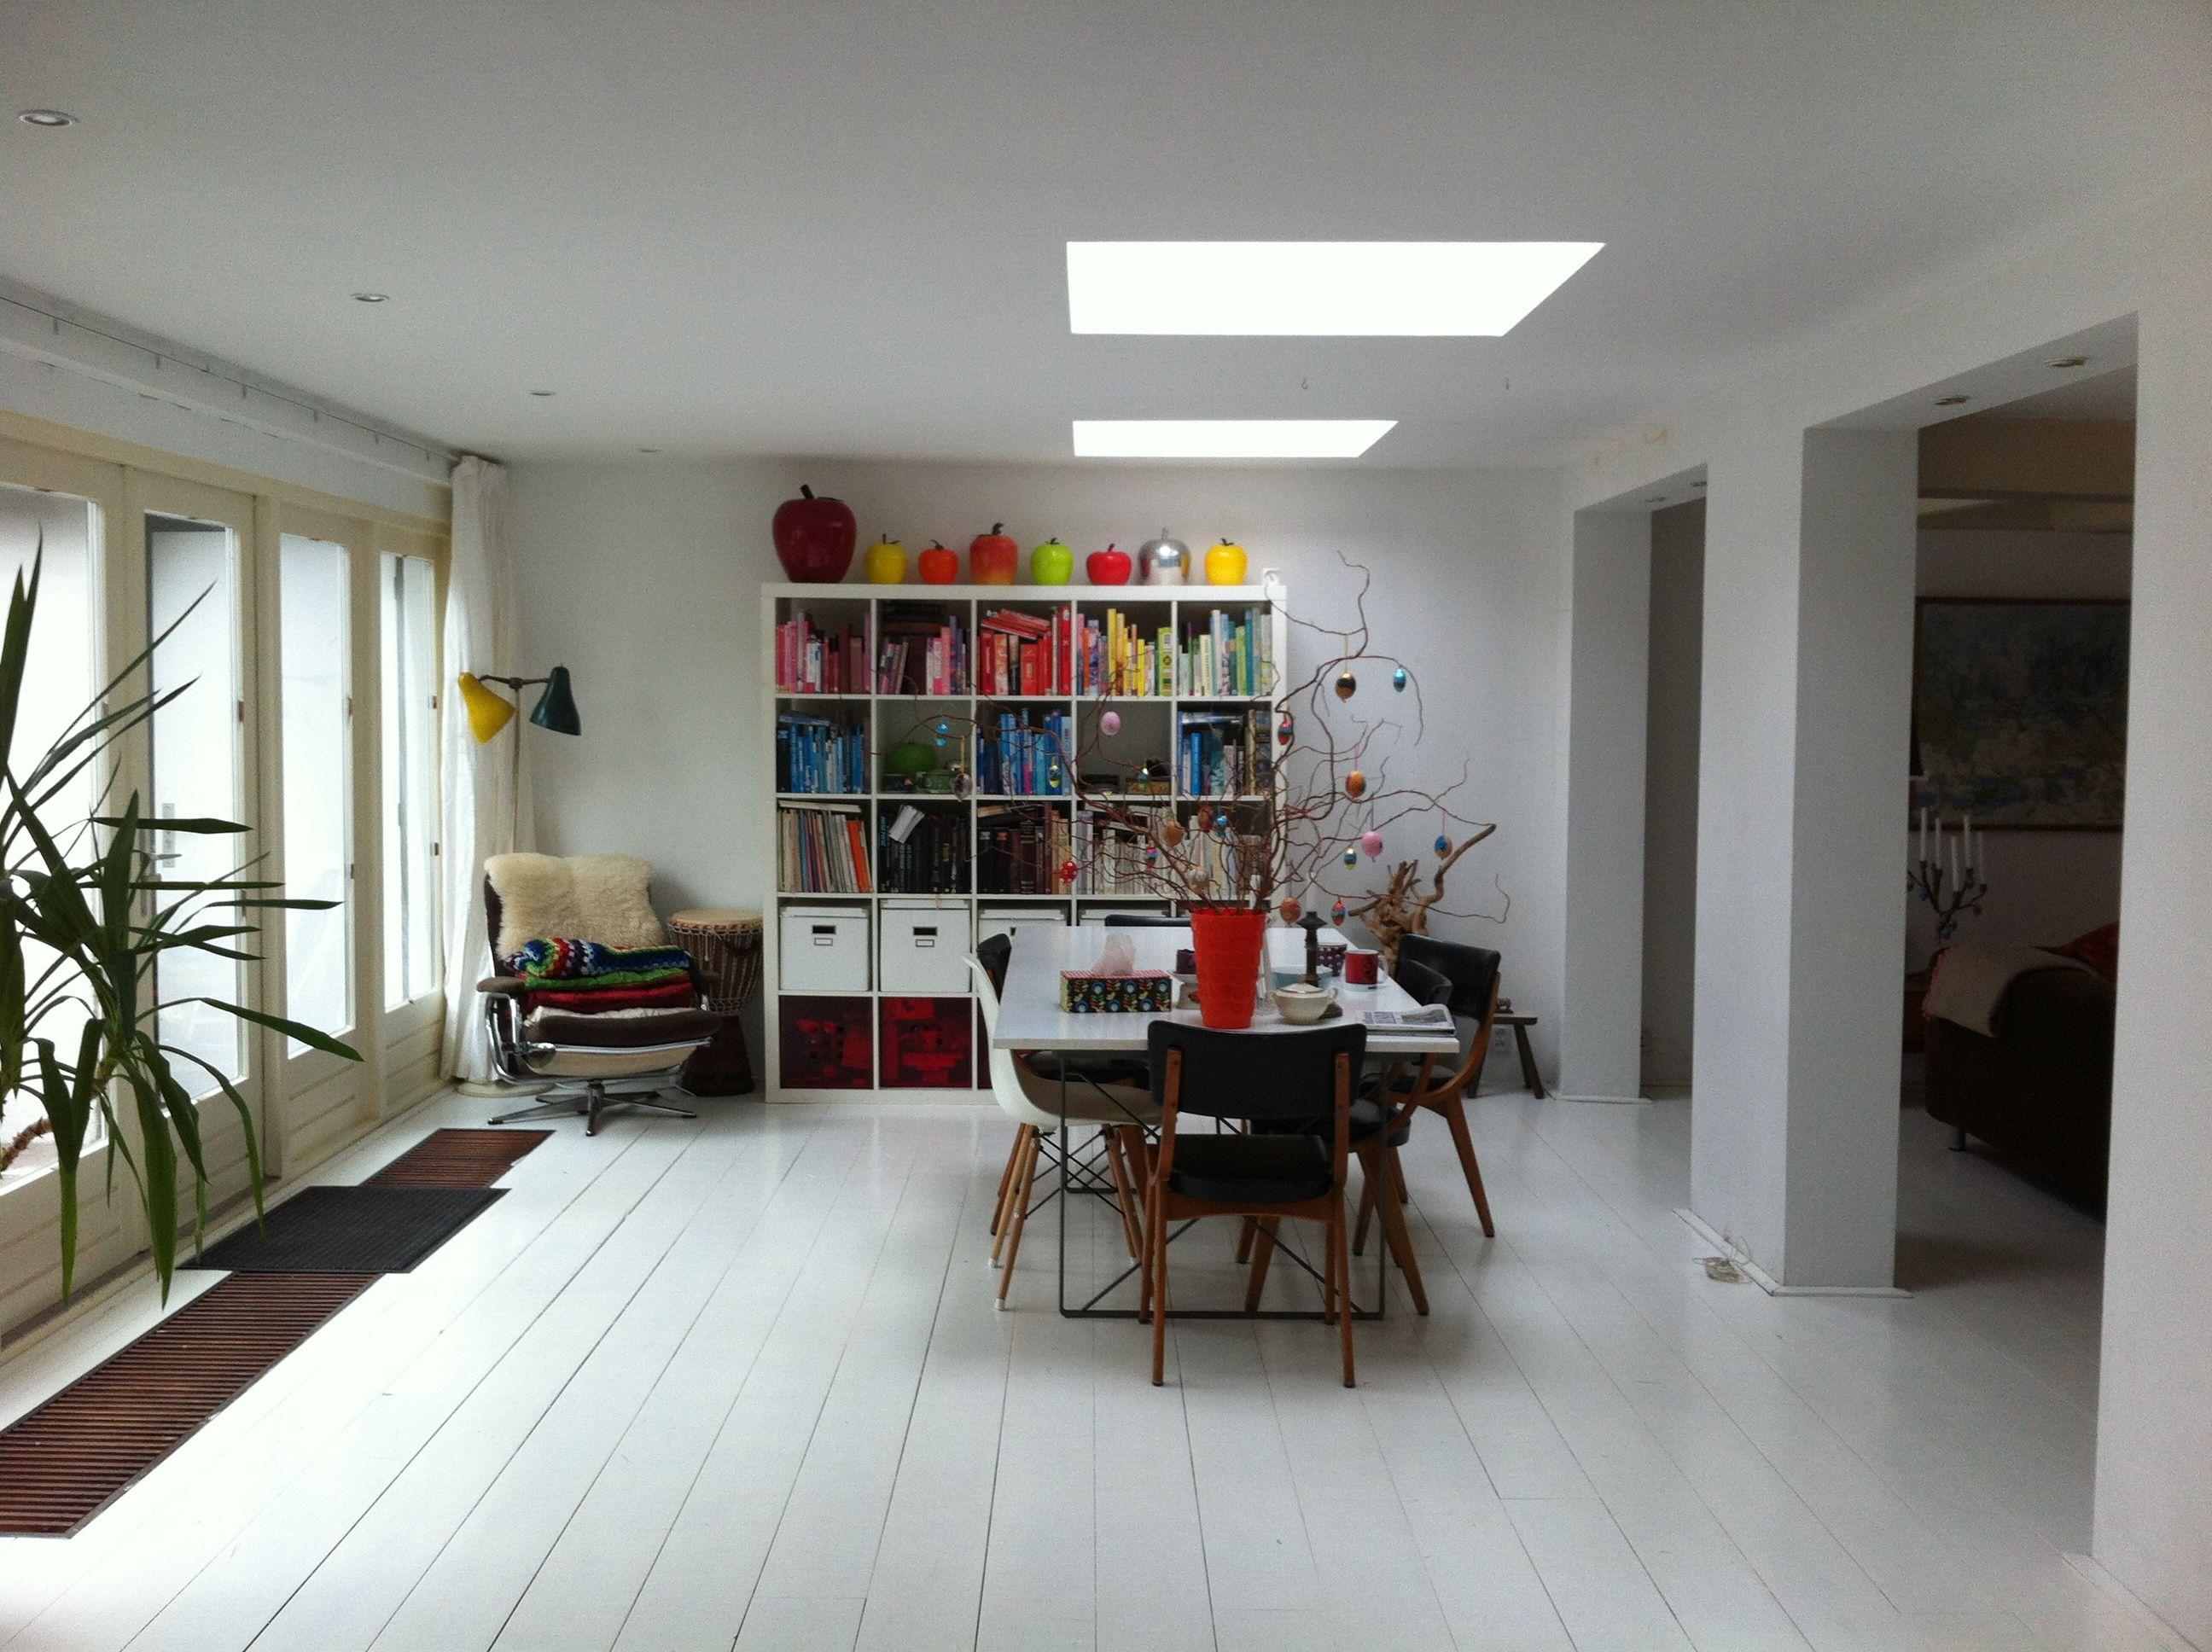 Ziehier ons lichte gezellige huis, met een mix van oud en